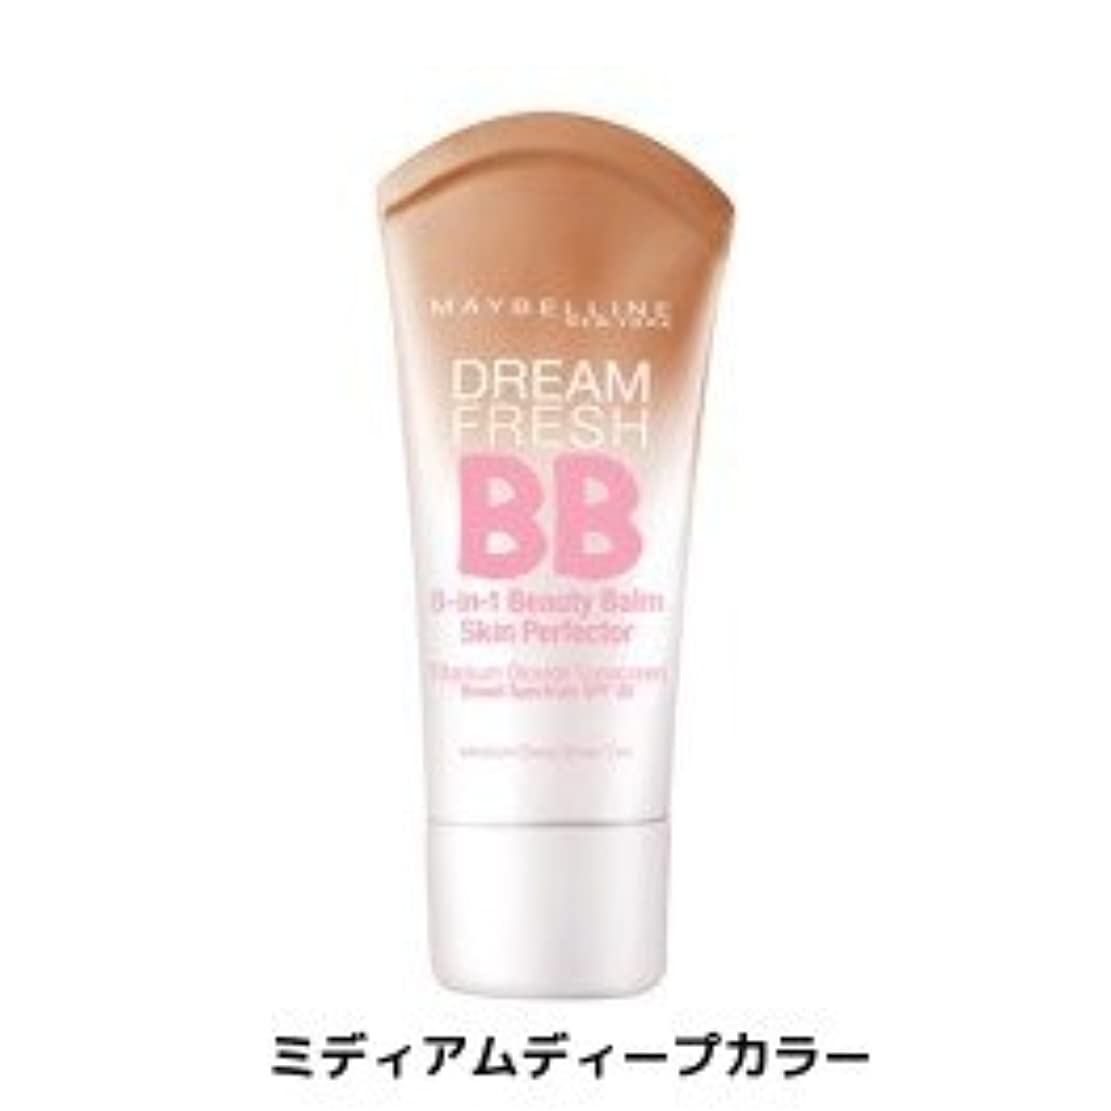 オペレーター特定のスモッグメイベリン BBクリーム  SPF 30*Maybelline Dream Fresh BB Cream 30ml【平行輸入品】 (ミディアムディープカラー)